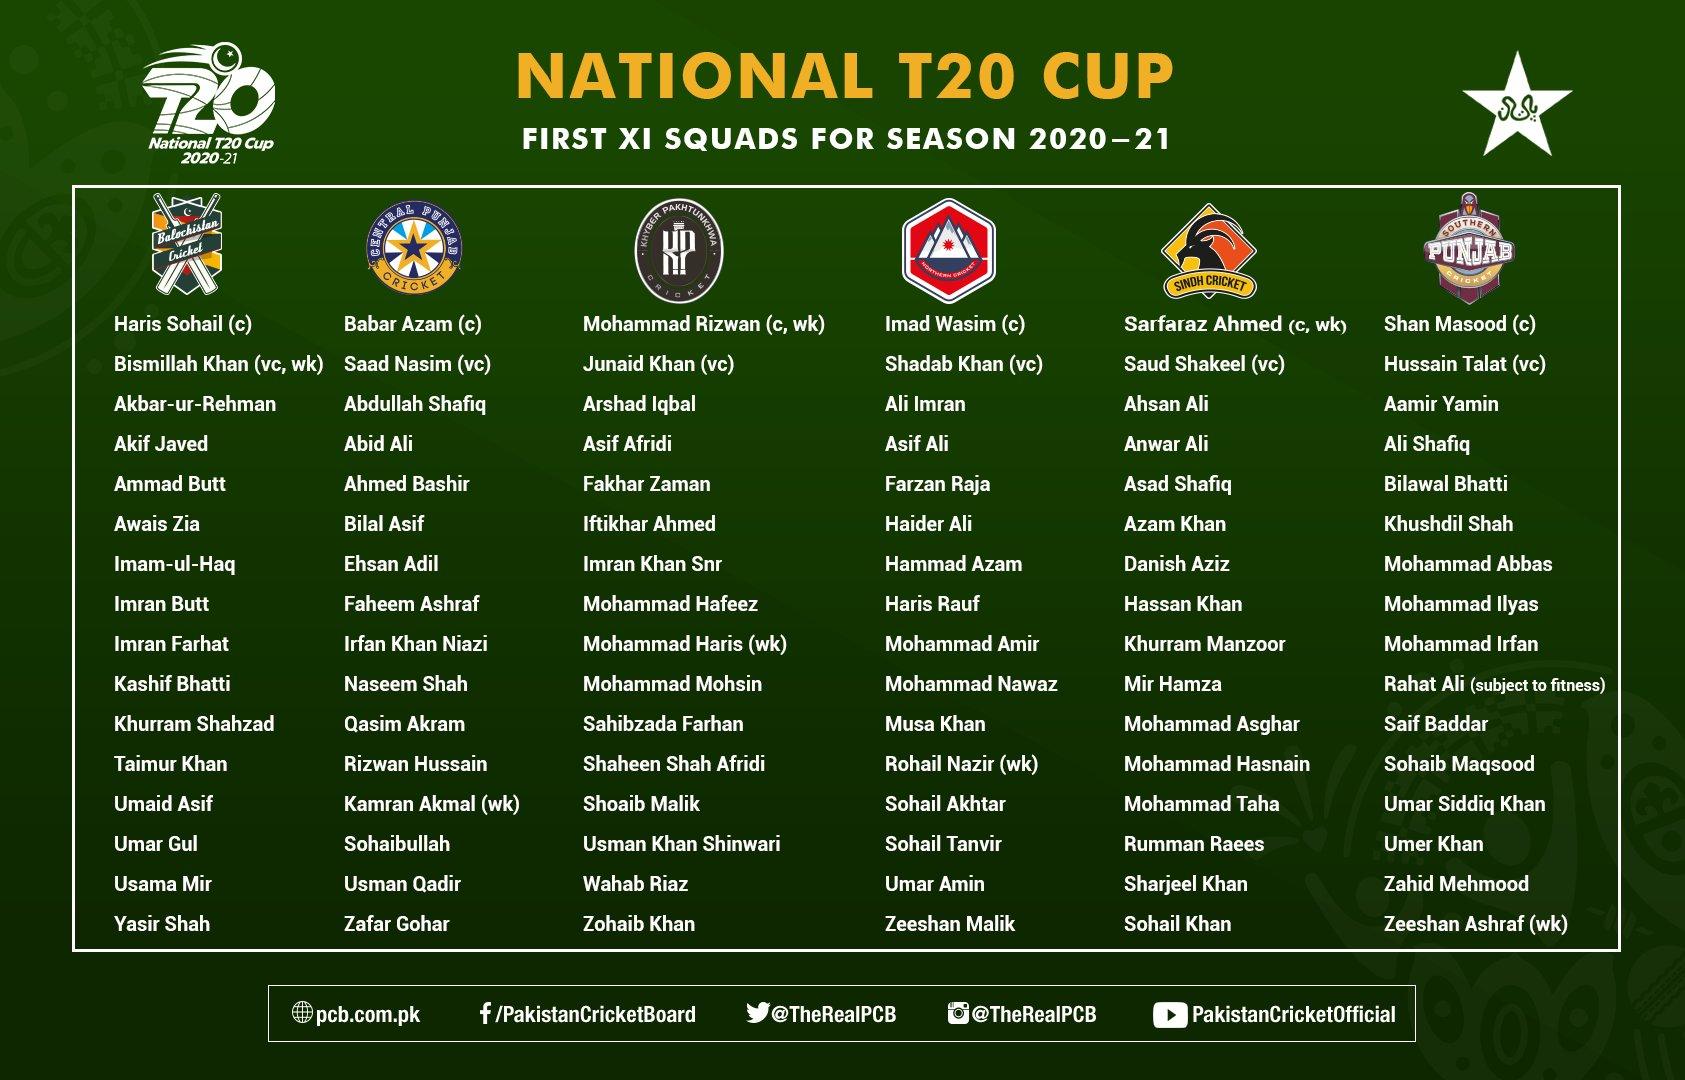 نیشنل ٹی ٹونٹی کپ کے لیے چھ ایسوسی ایشنز کی ٹیموں کا اعلان